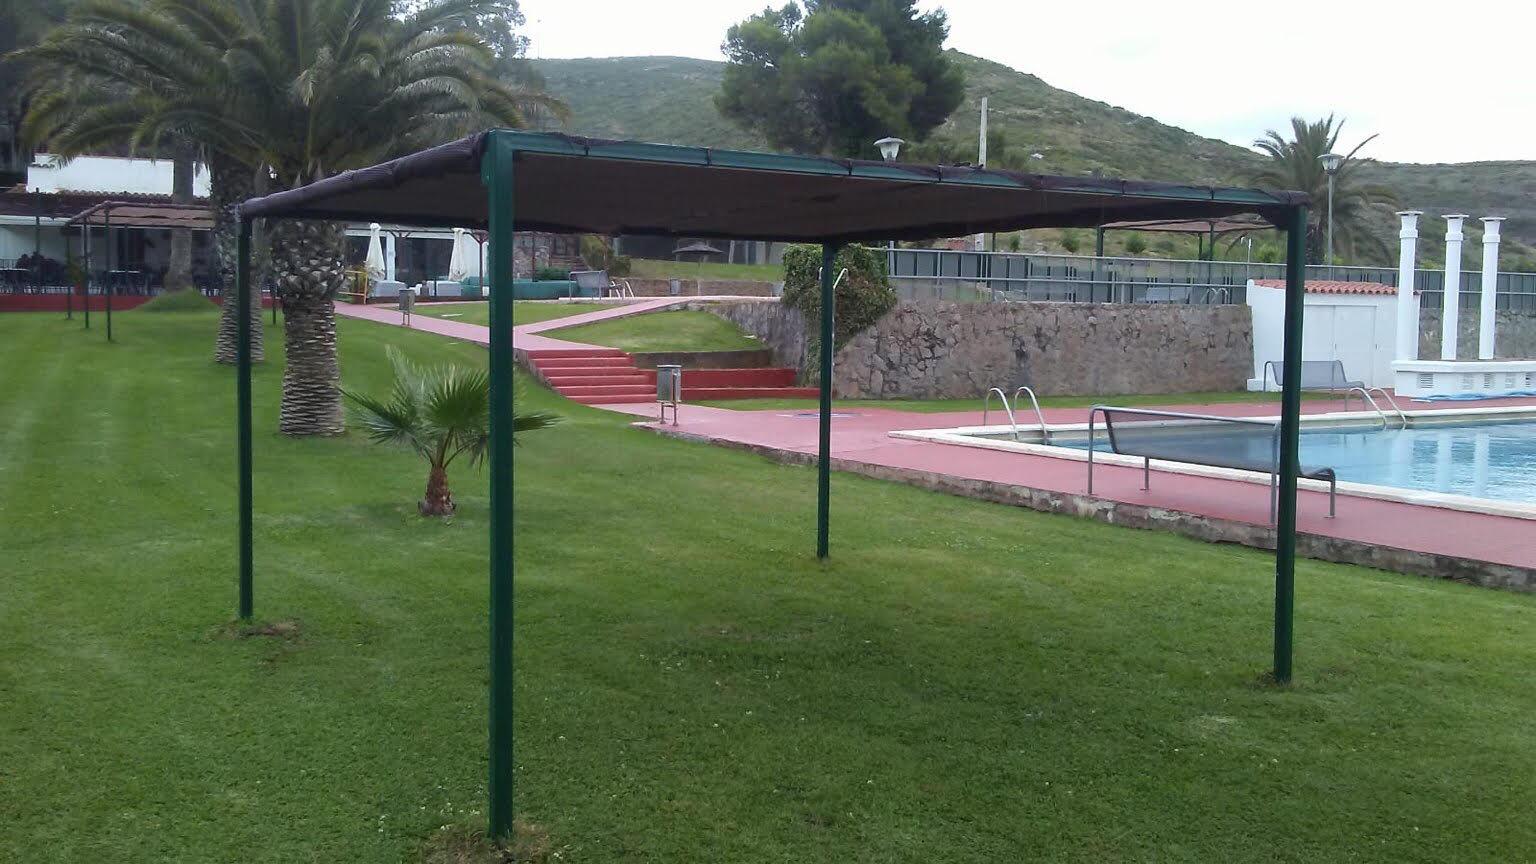 Les Coves de Vinromà instal·la noves pèrgoles en la piscina municipal per a augmentar els espais d'ombra